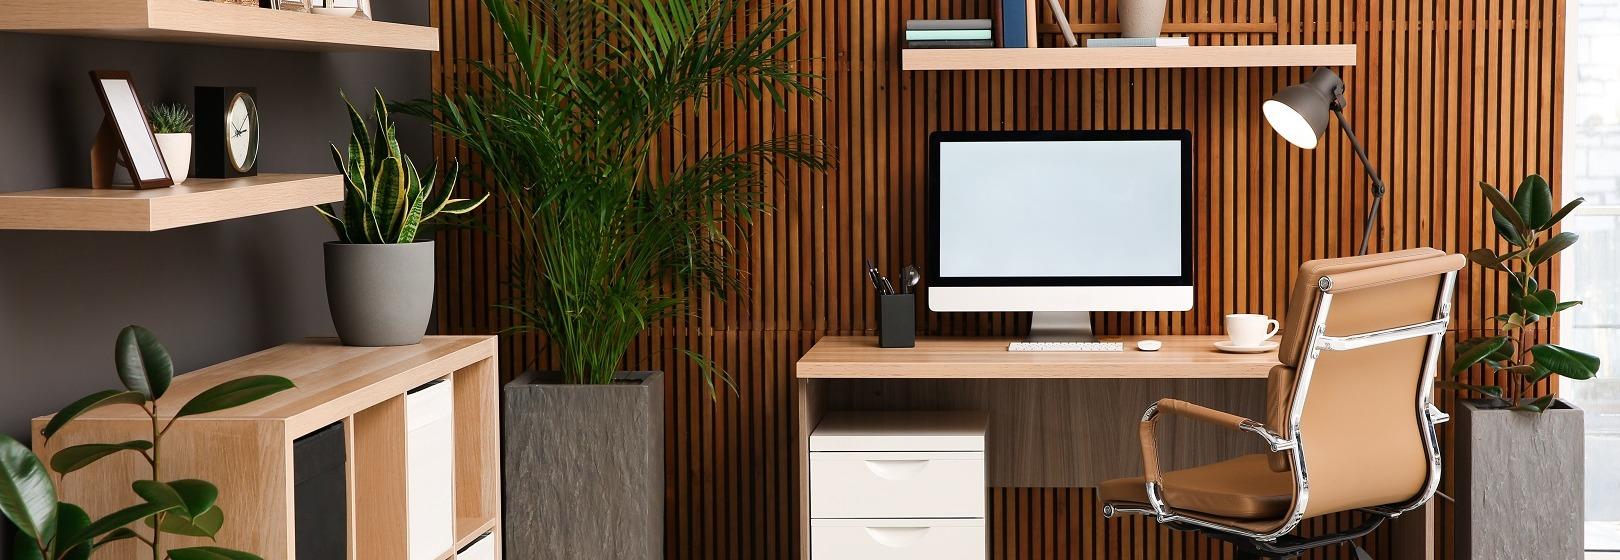 Zmiana sposobu użytkowania lokalu na biuro